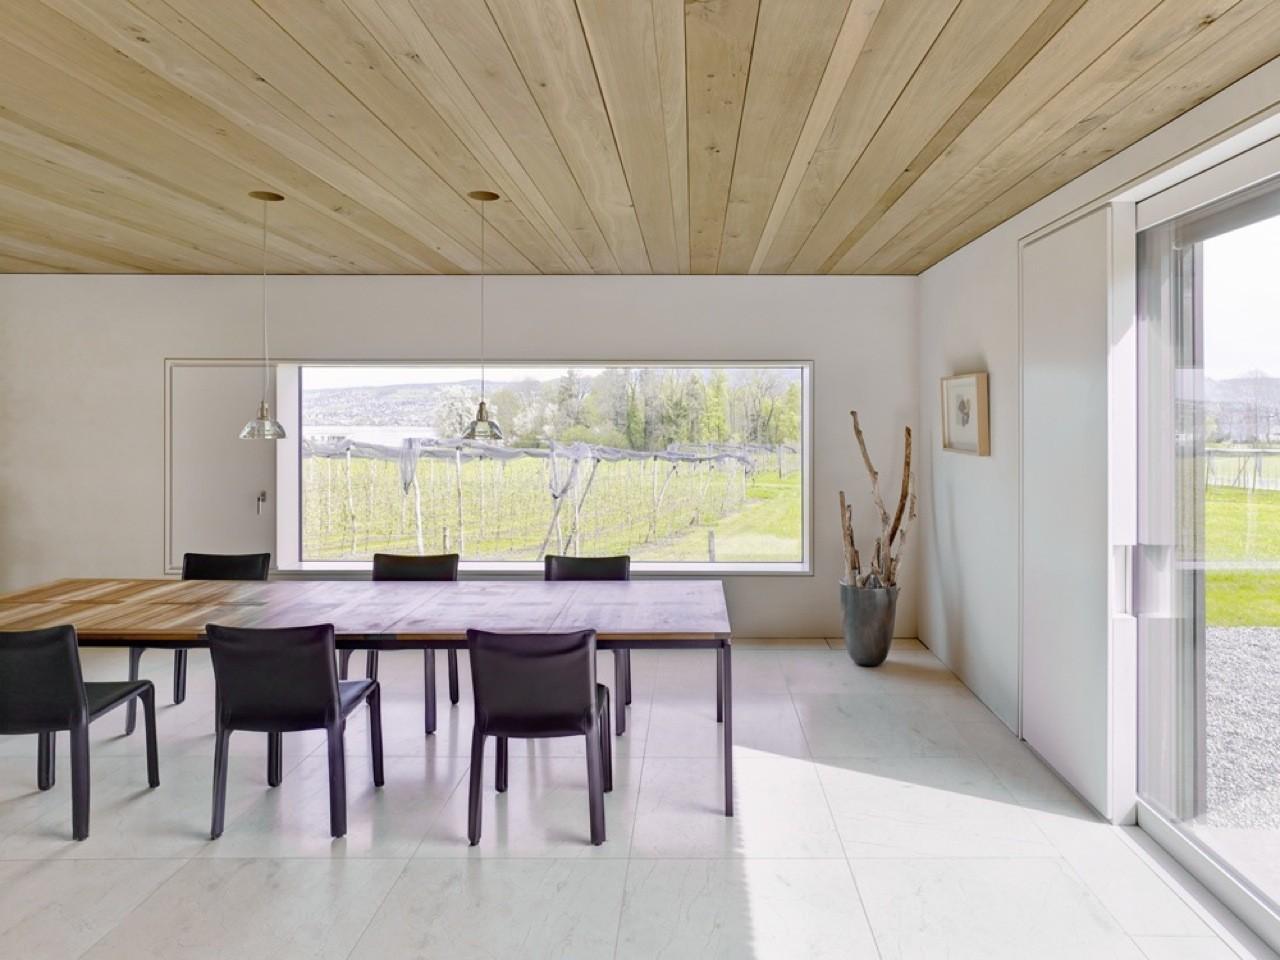 gallery of gottshalden rossetti wyss architekten 2. Black Bedroom Furniture Sets. Home Design Ideas